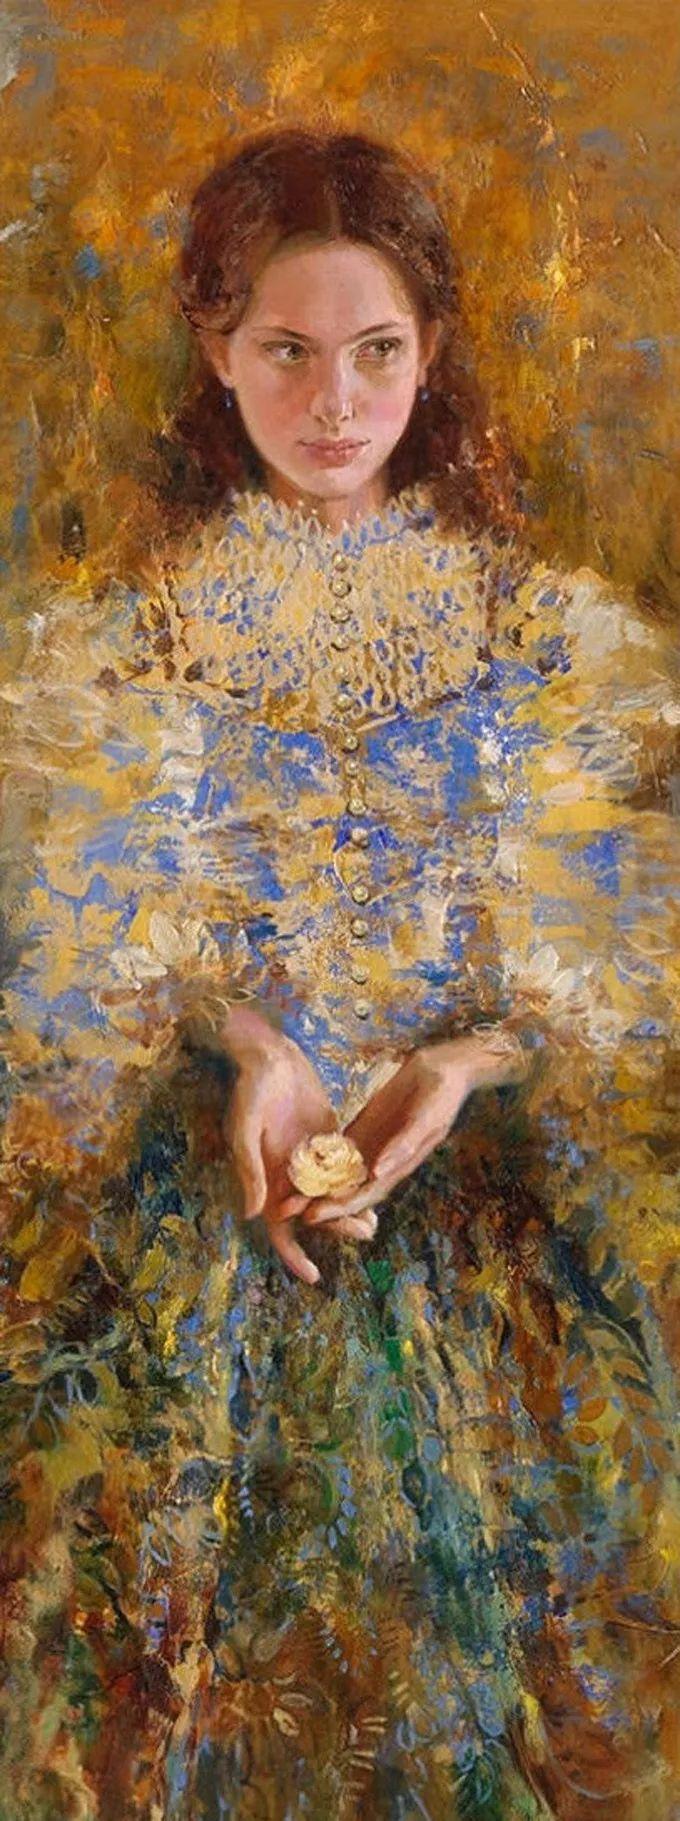 她的油画有一种惊艳脱俗的美,乌克兰天才女画家艾琳·谢里插图15